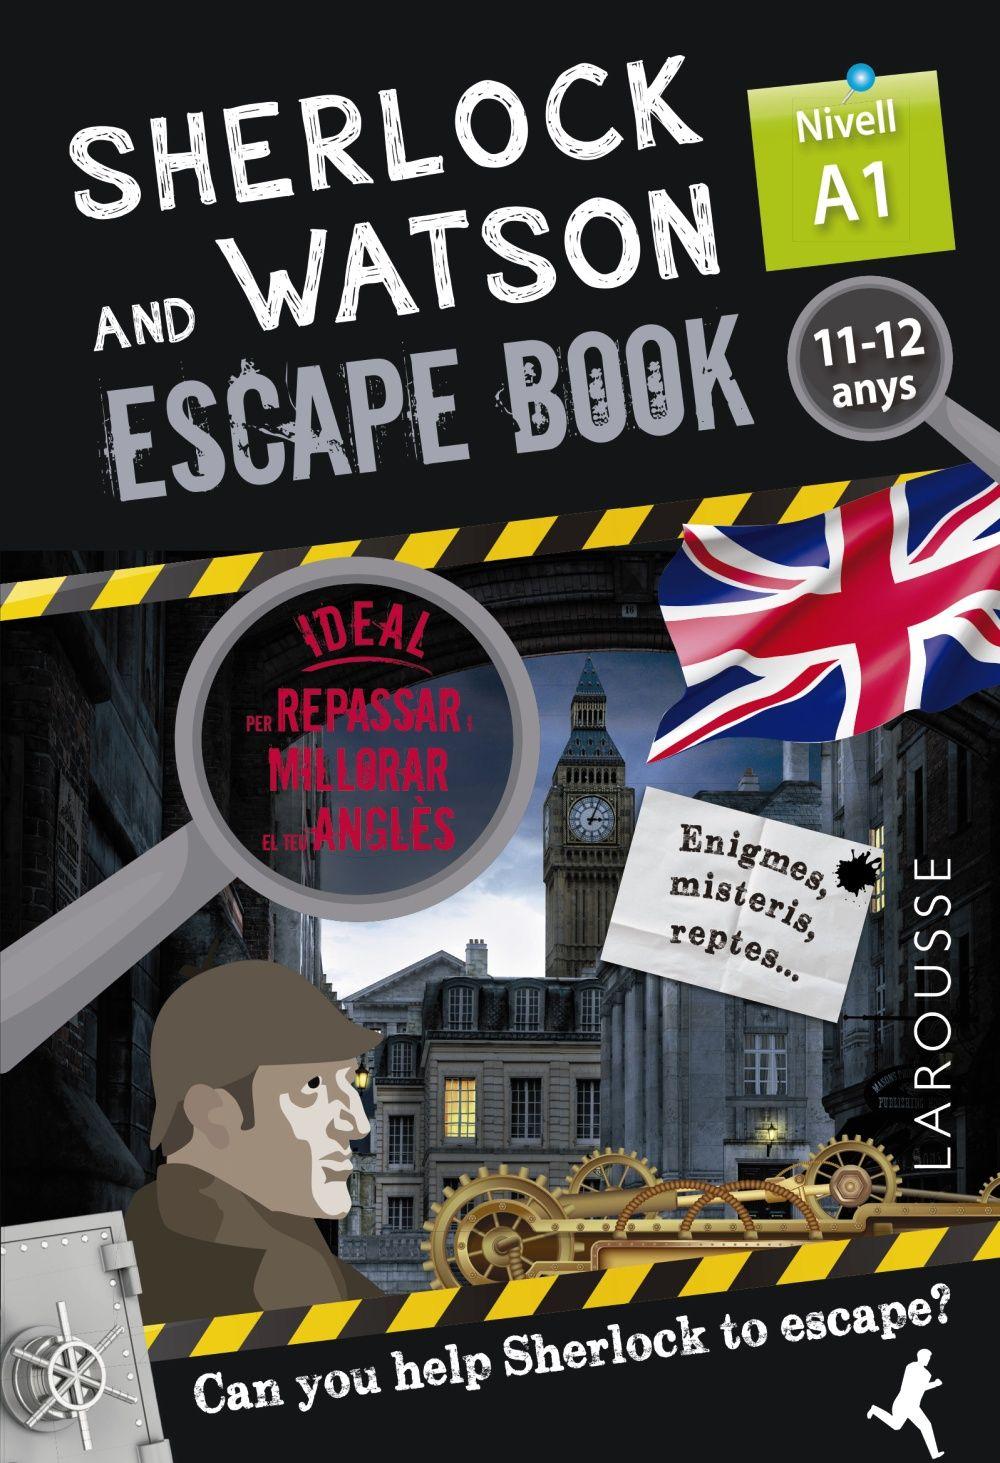 SHERLOCK & WATSON ESCAPE BOOK PER REPASSAR ANGLES 11 12 ANYS